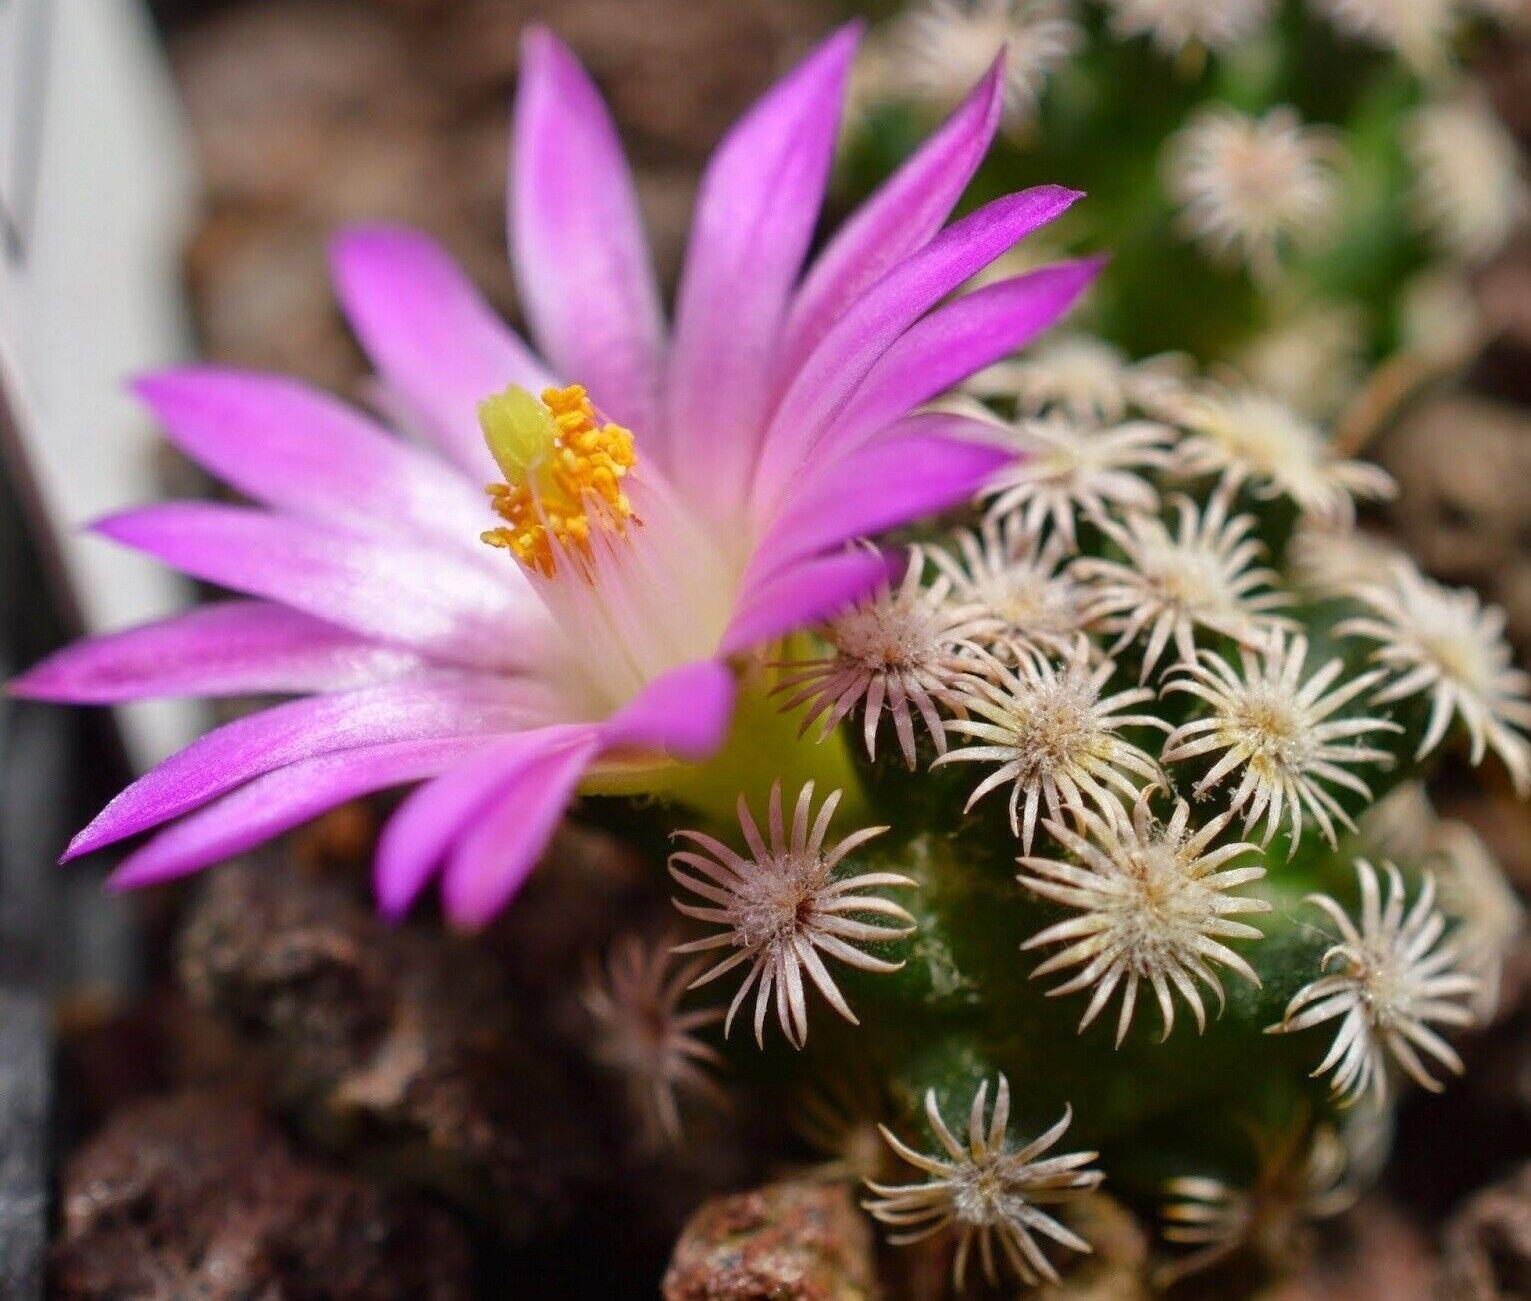 цветок маммиллярия картинка полагают, что